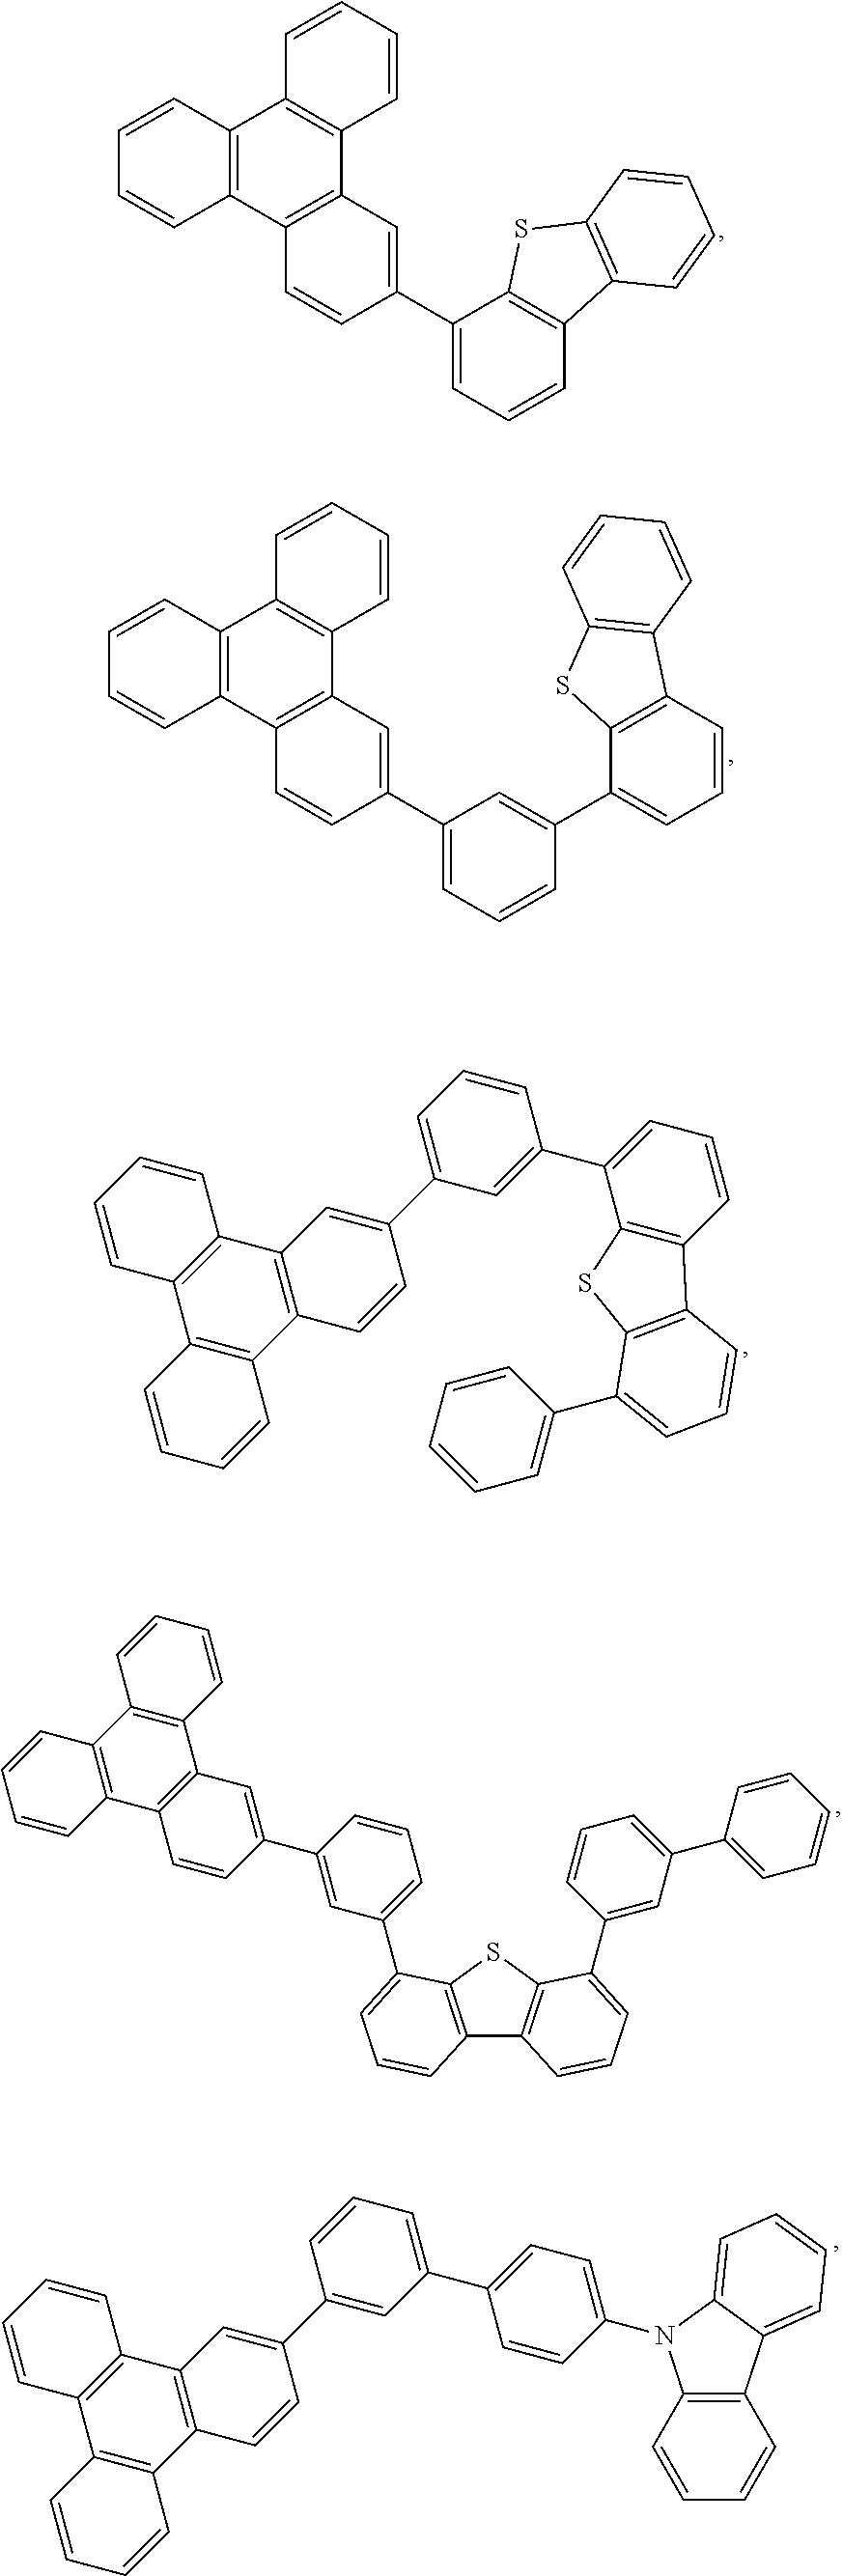 Figure US10153443-20181211-C00580